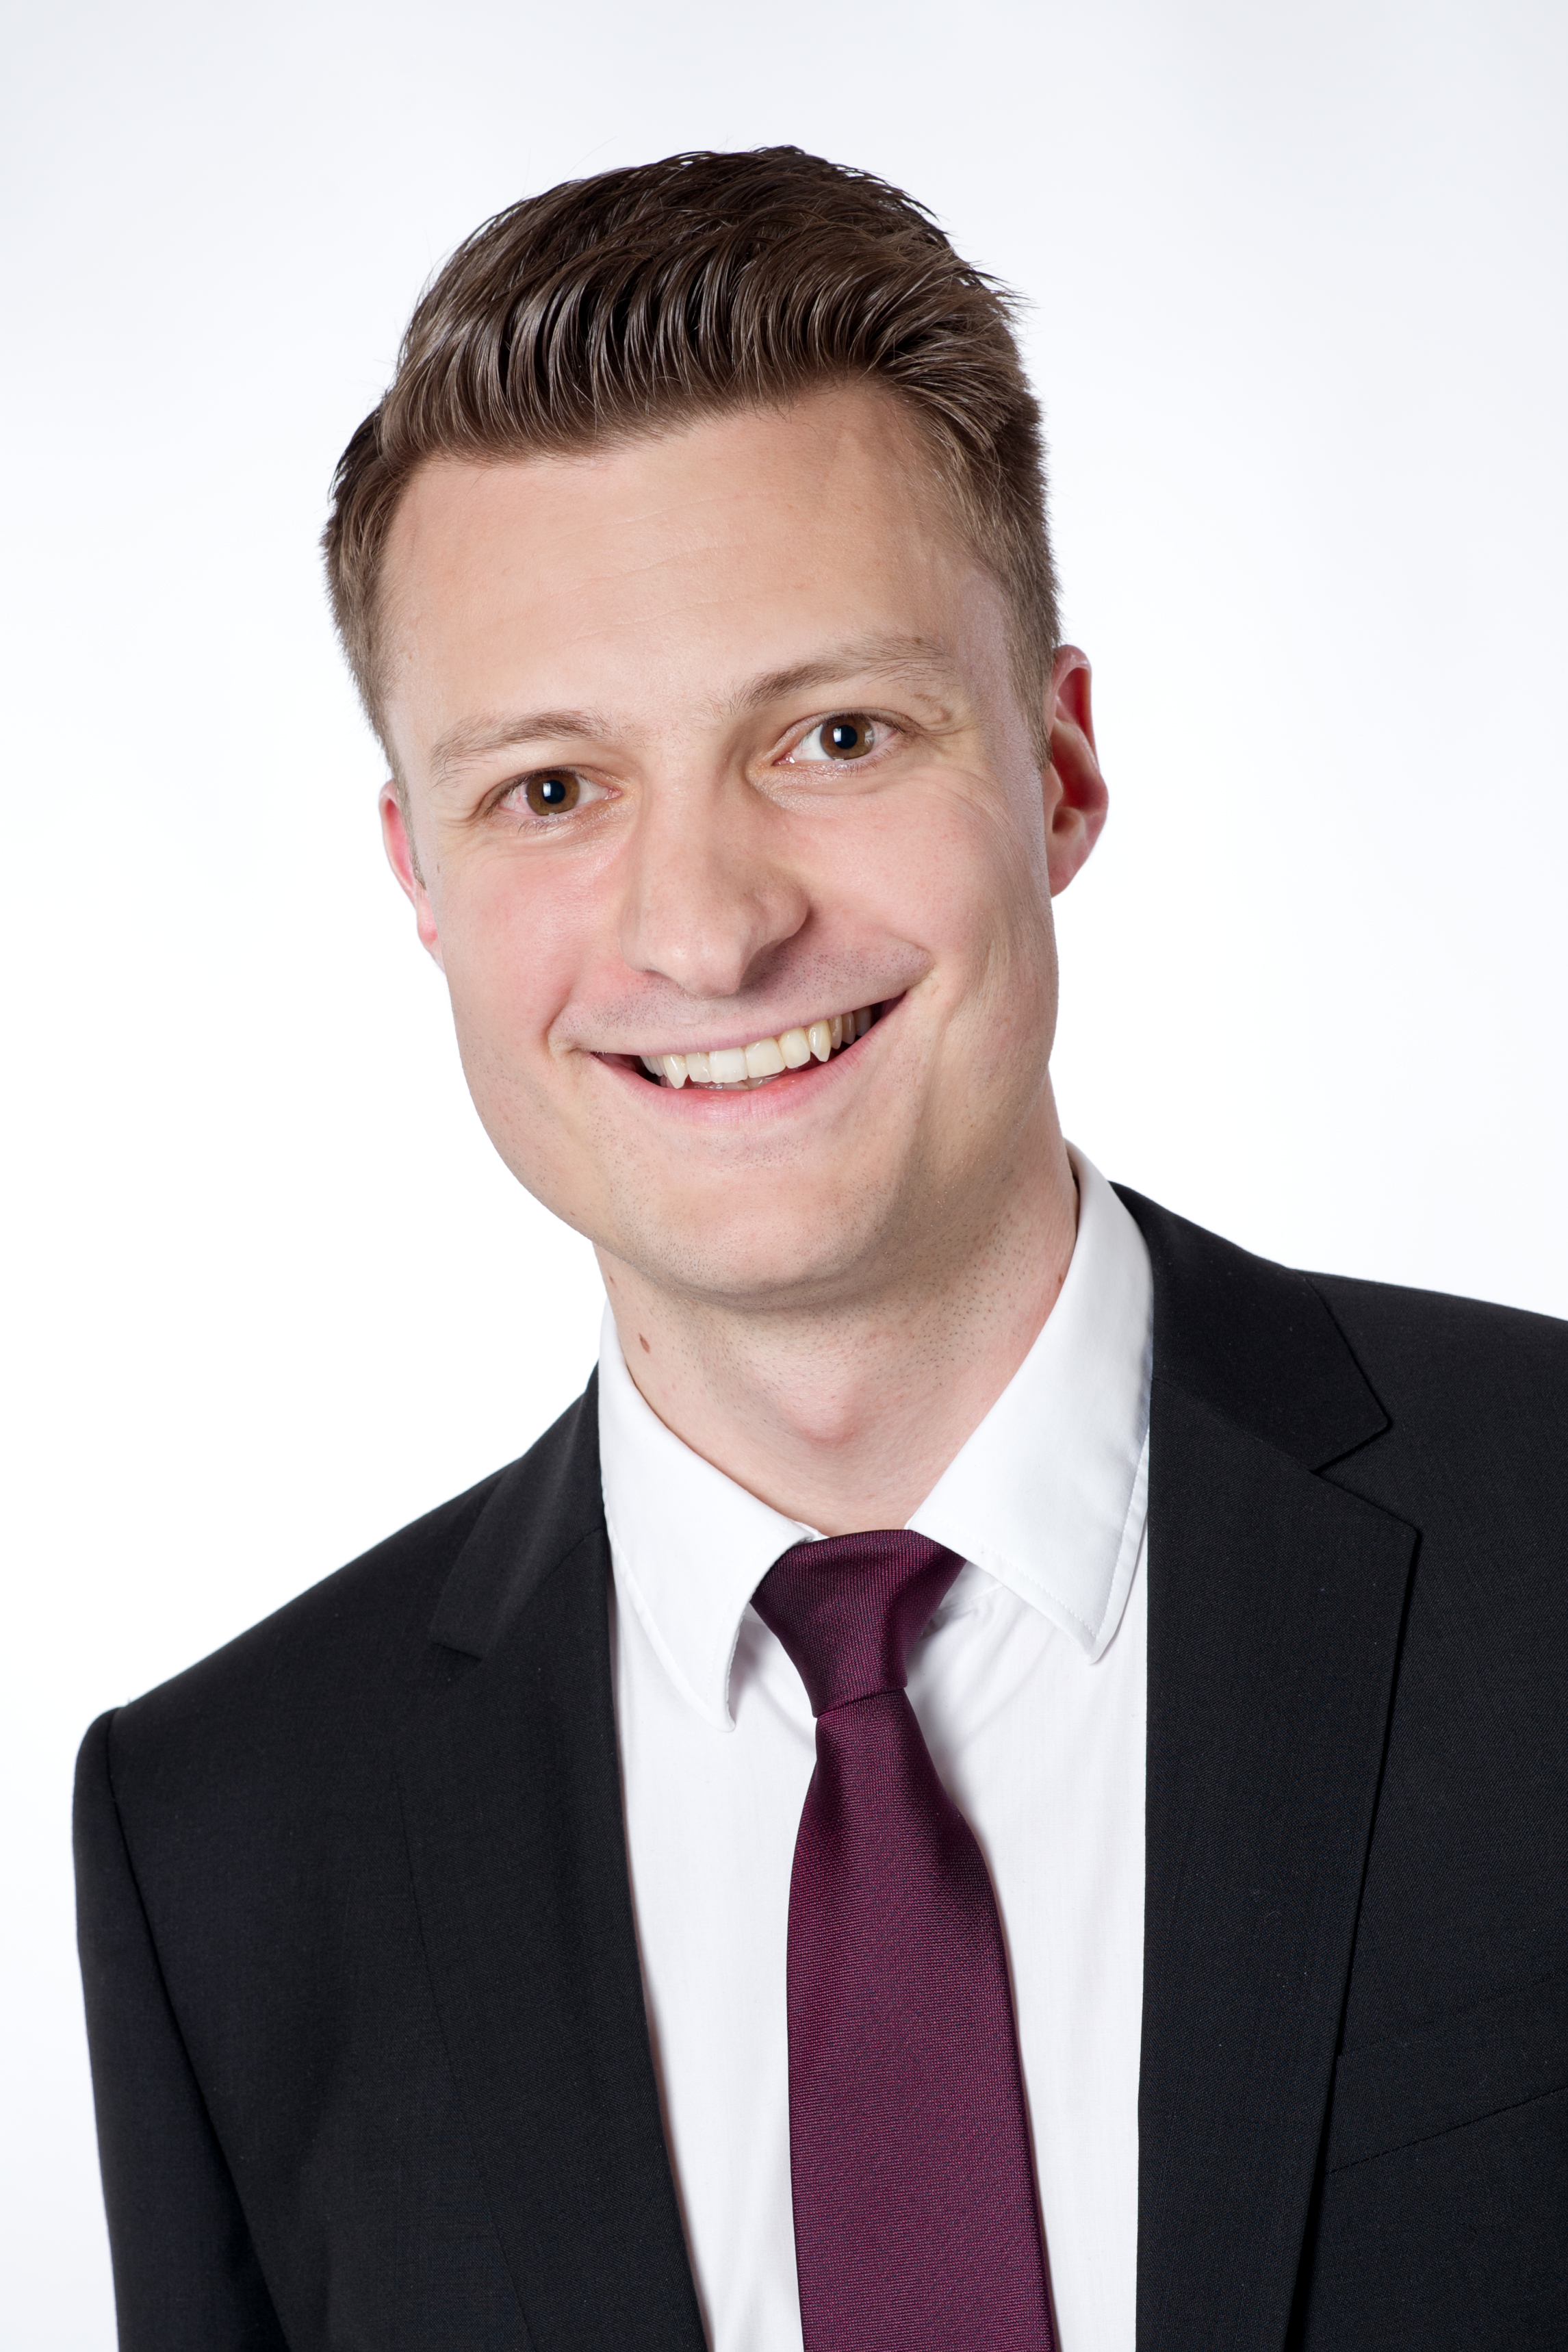 Herrn Markus Schneider Immobilienvermittler (IHK) Bachelor of Arts (B.A.) der Wirtschaftswissenschaften